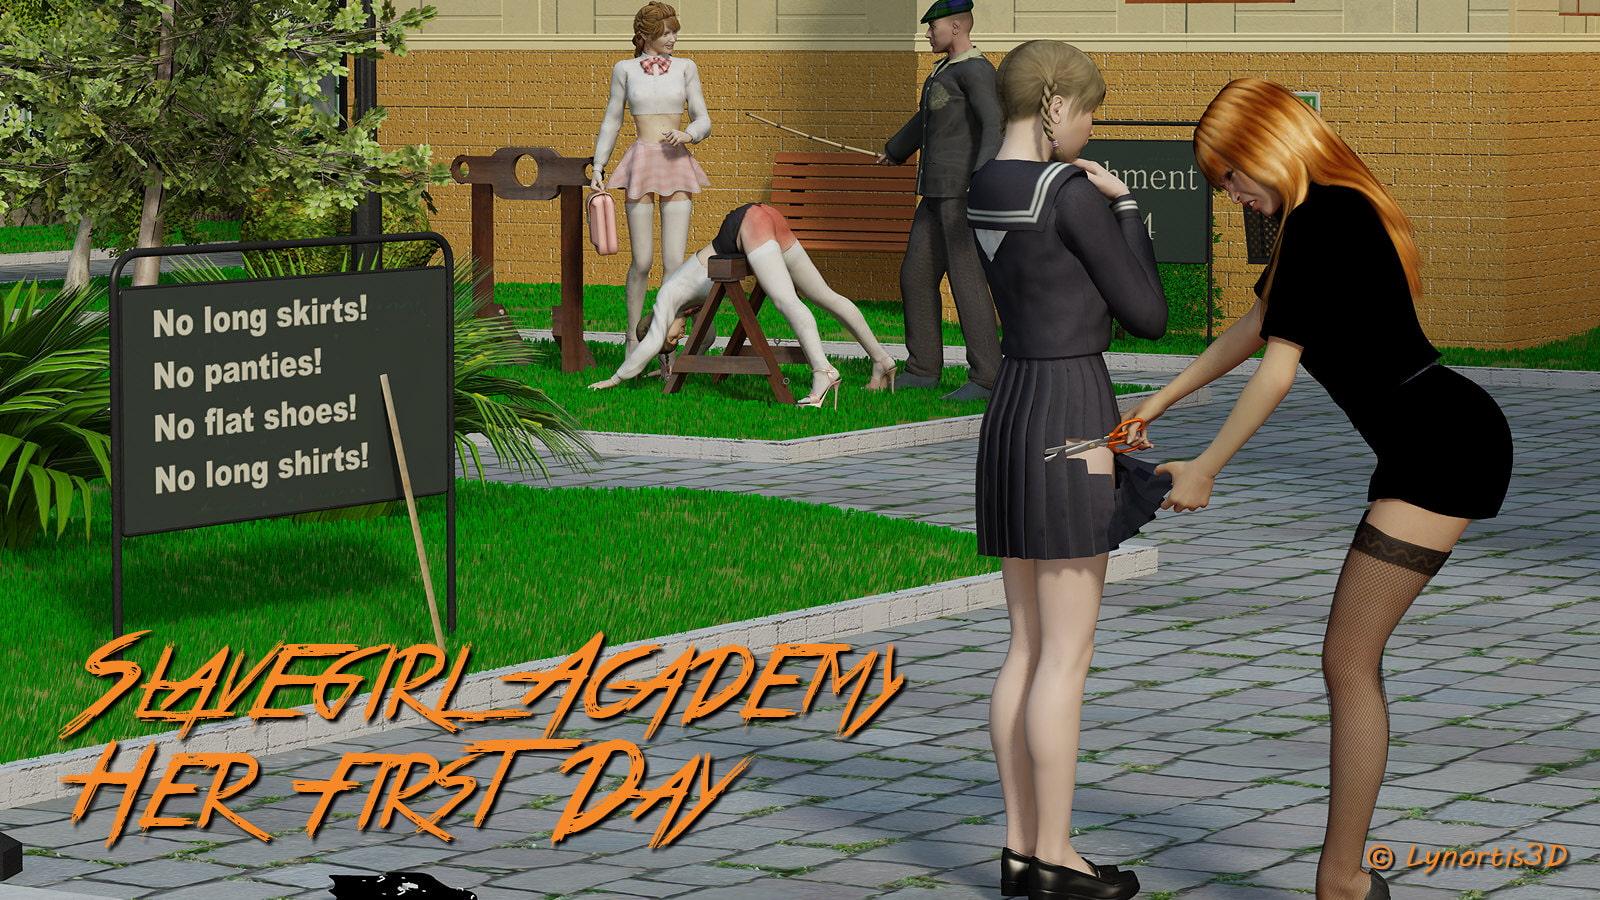 Slavegirl Academy Her First day